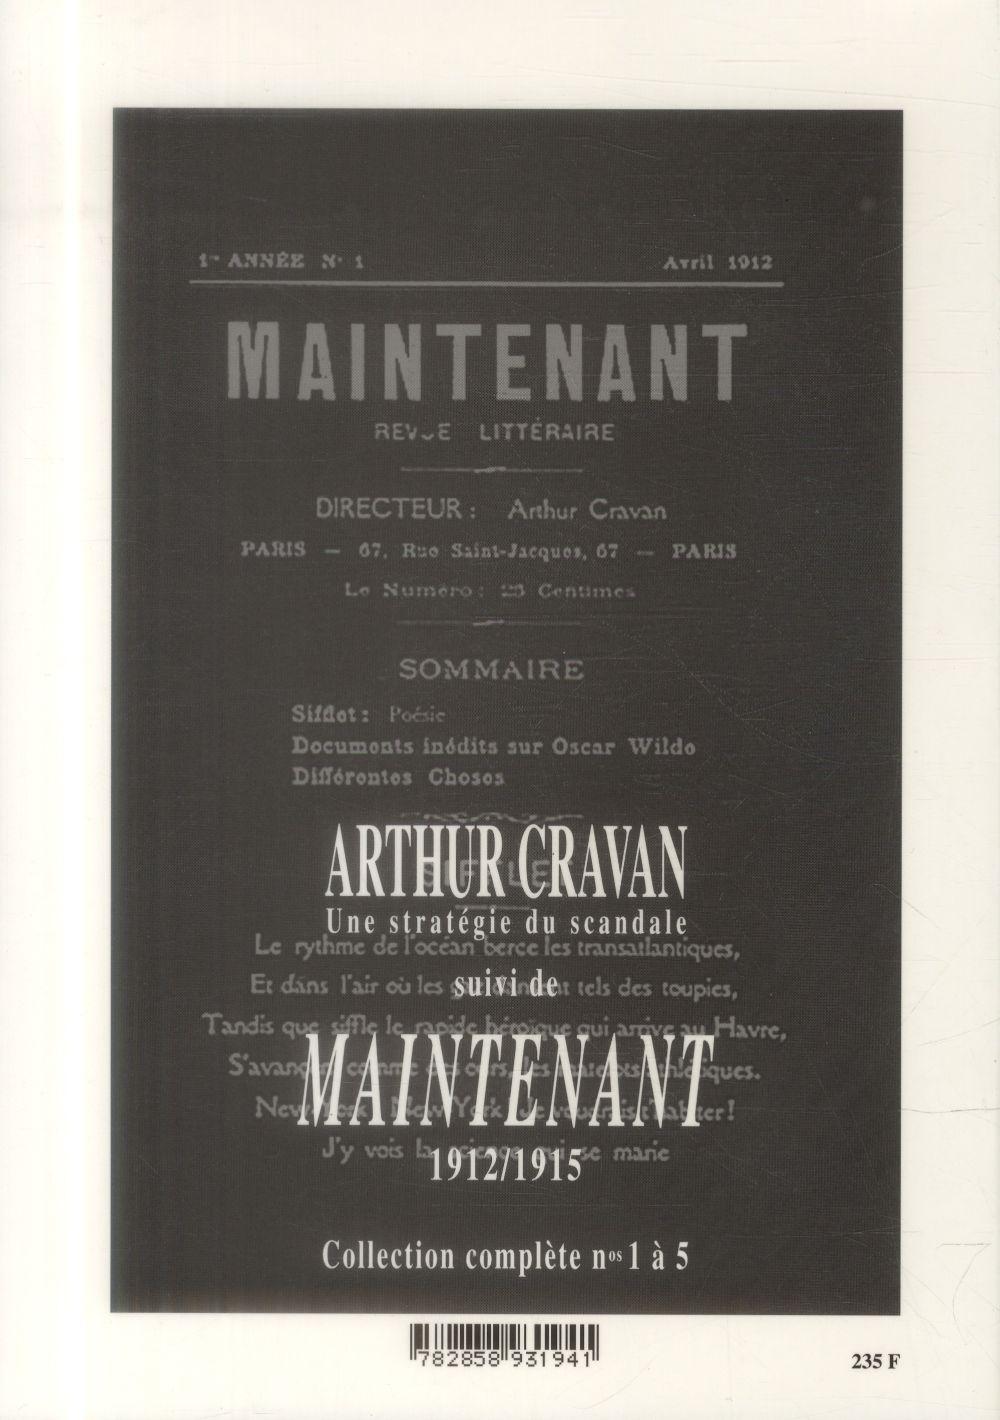 Arthur Cravan ; une stratégie du scandale